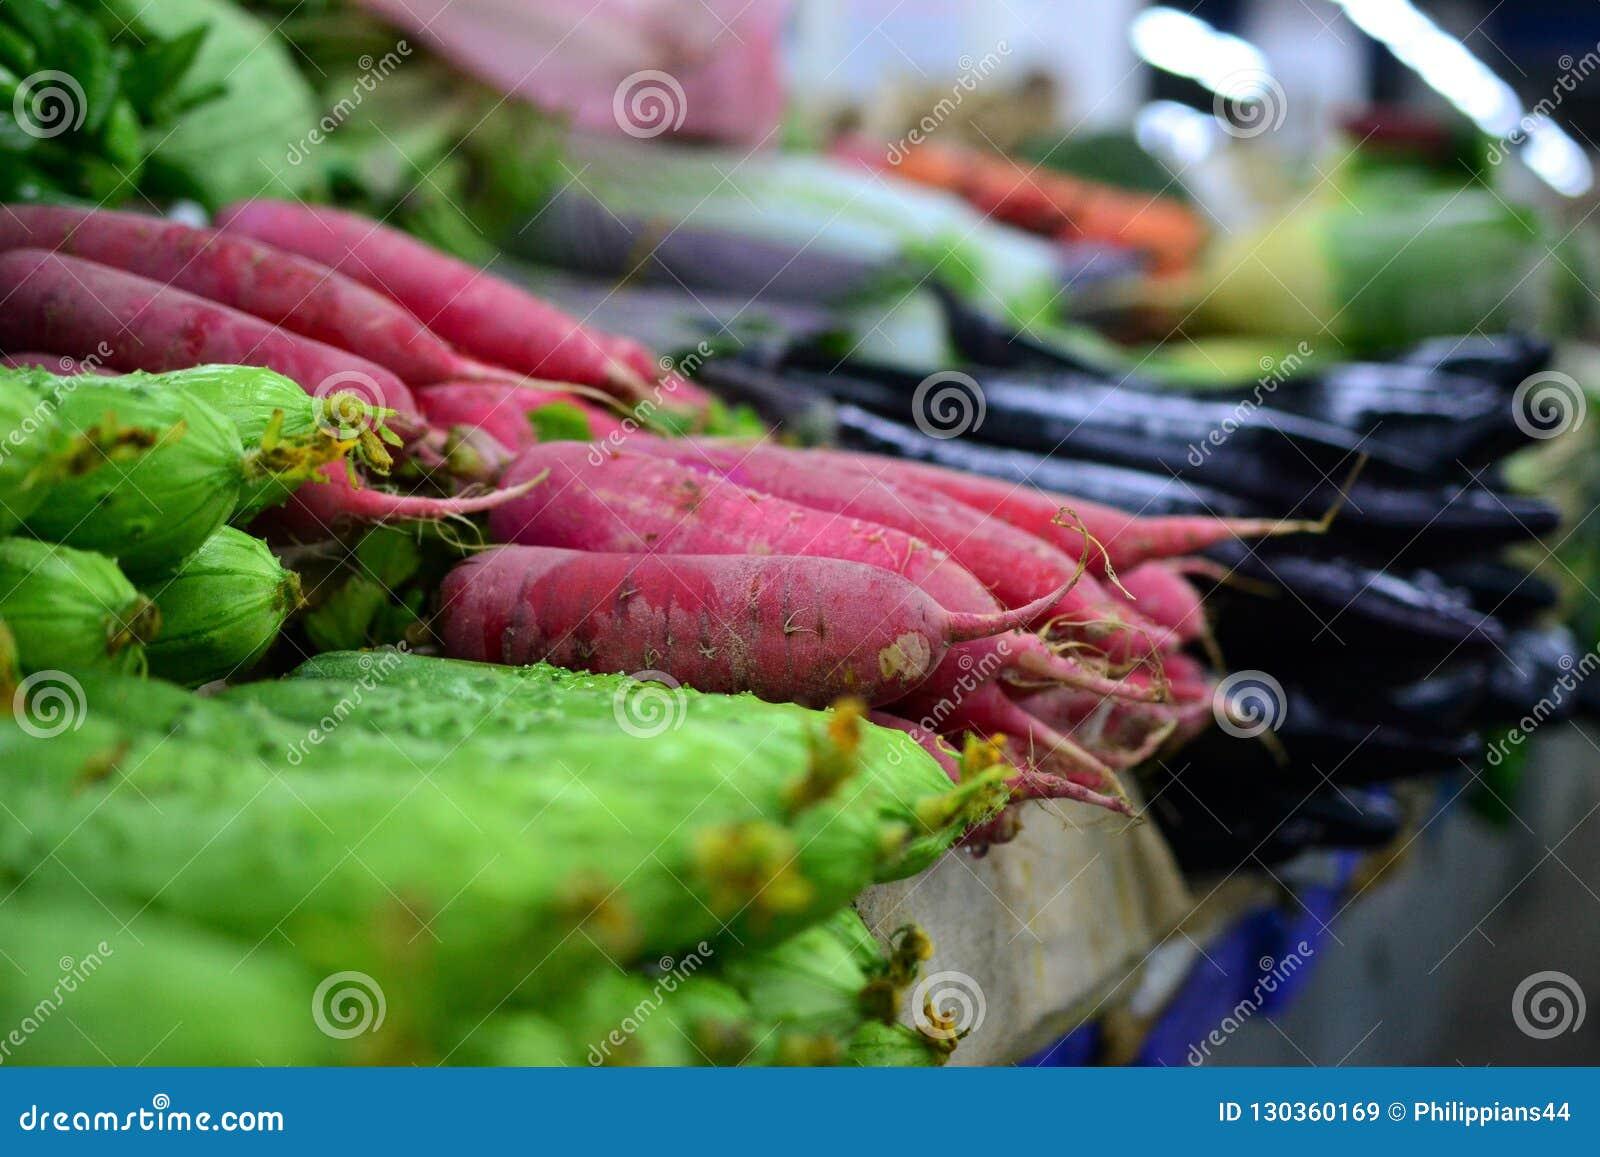 Rzodkiew i ogórek, Świeży warzywo na ulicznym rynku w Chiny